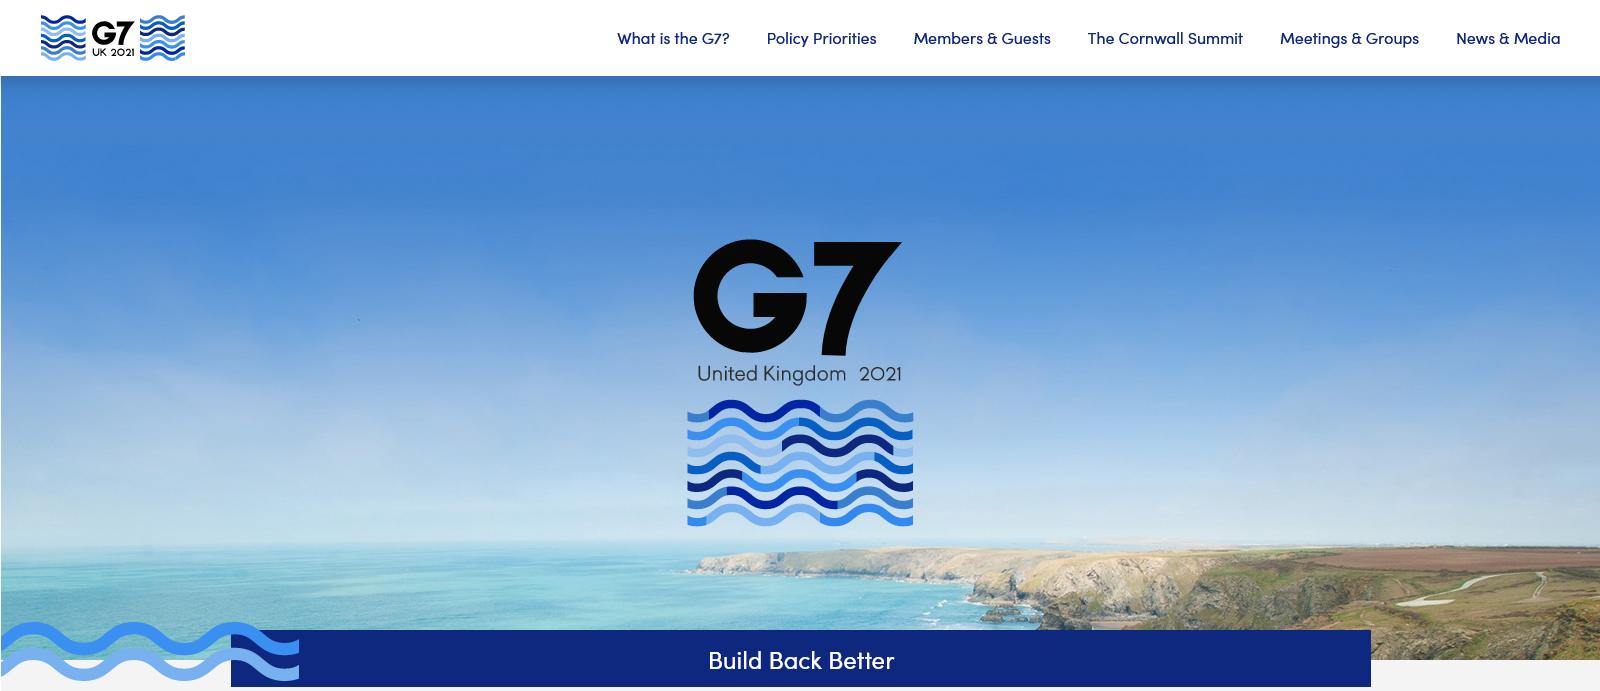 脱炭素社会の実現、日本はG7で溝を埋められるか?